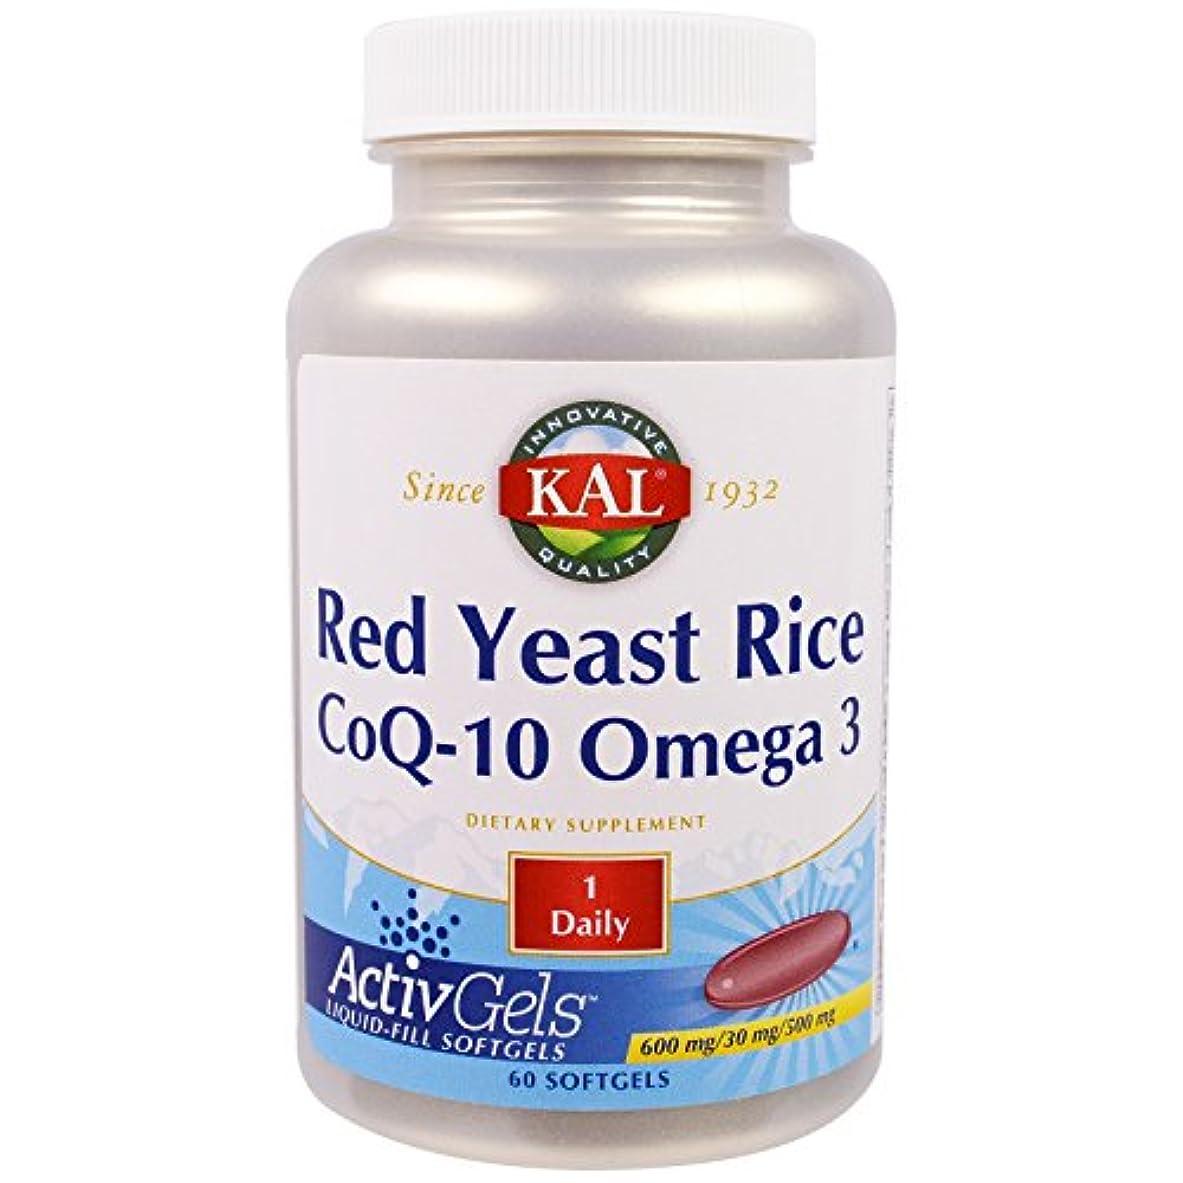 数無実高潔な紅麹(ベニコウジ)米&コエンザイムQ10 + オメガ3 EPA/DHA 60粒[海外直送品]